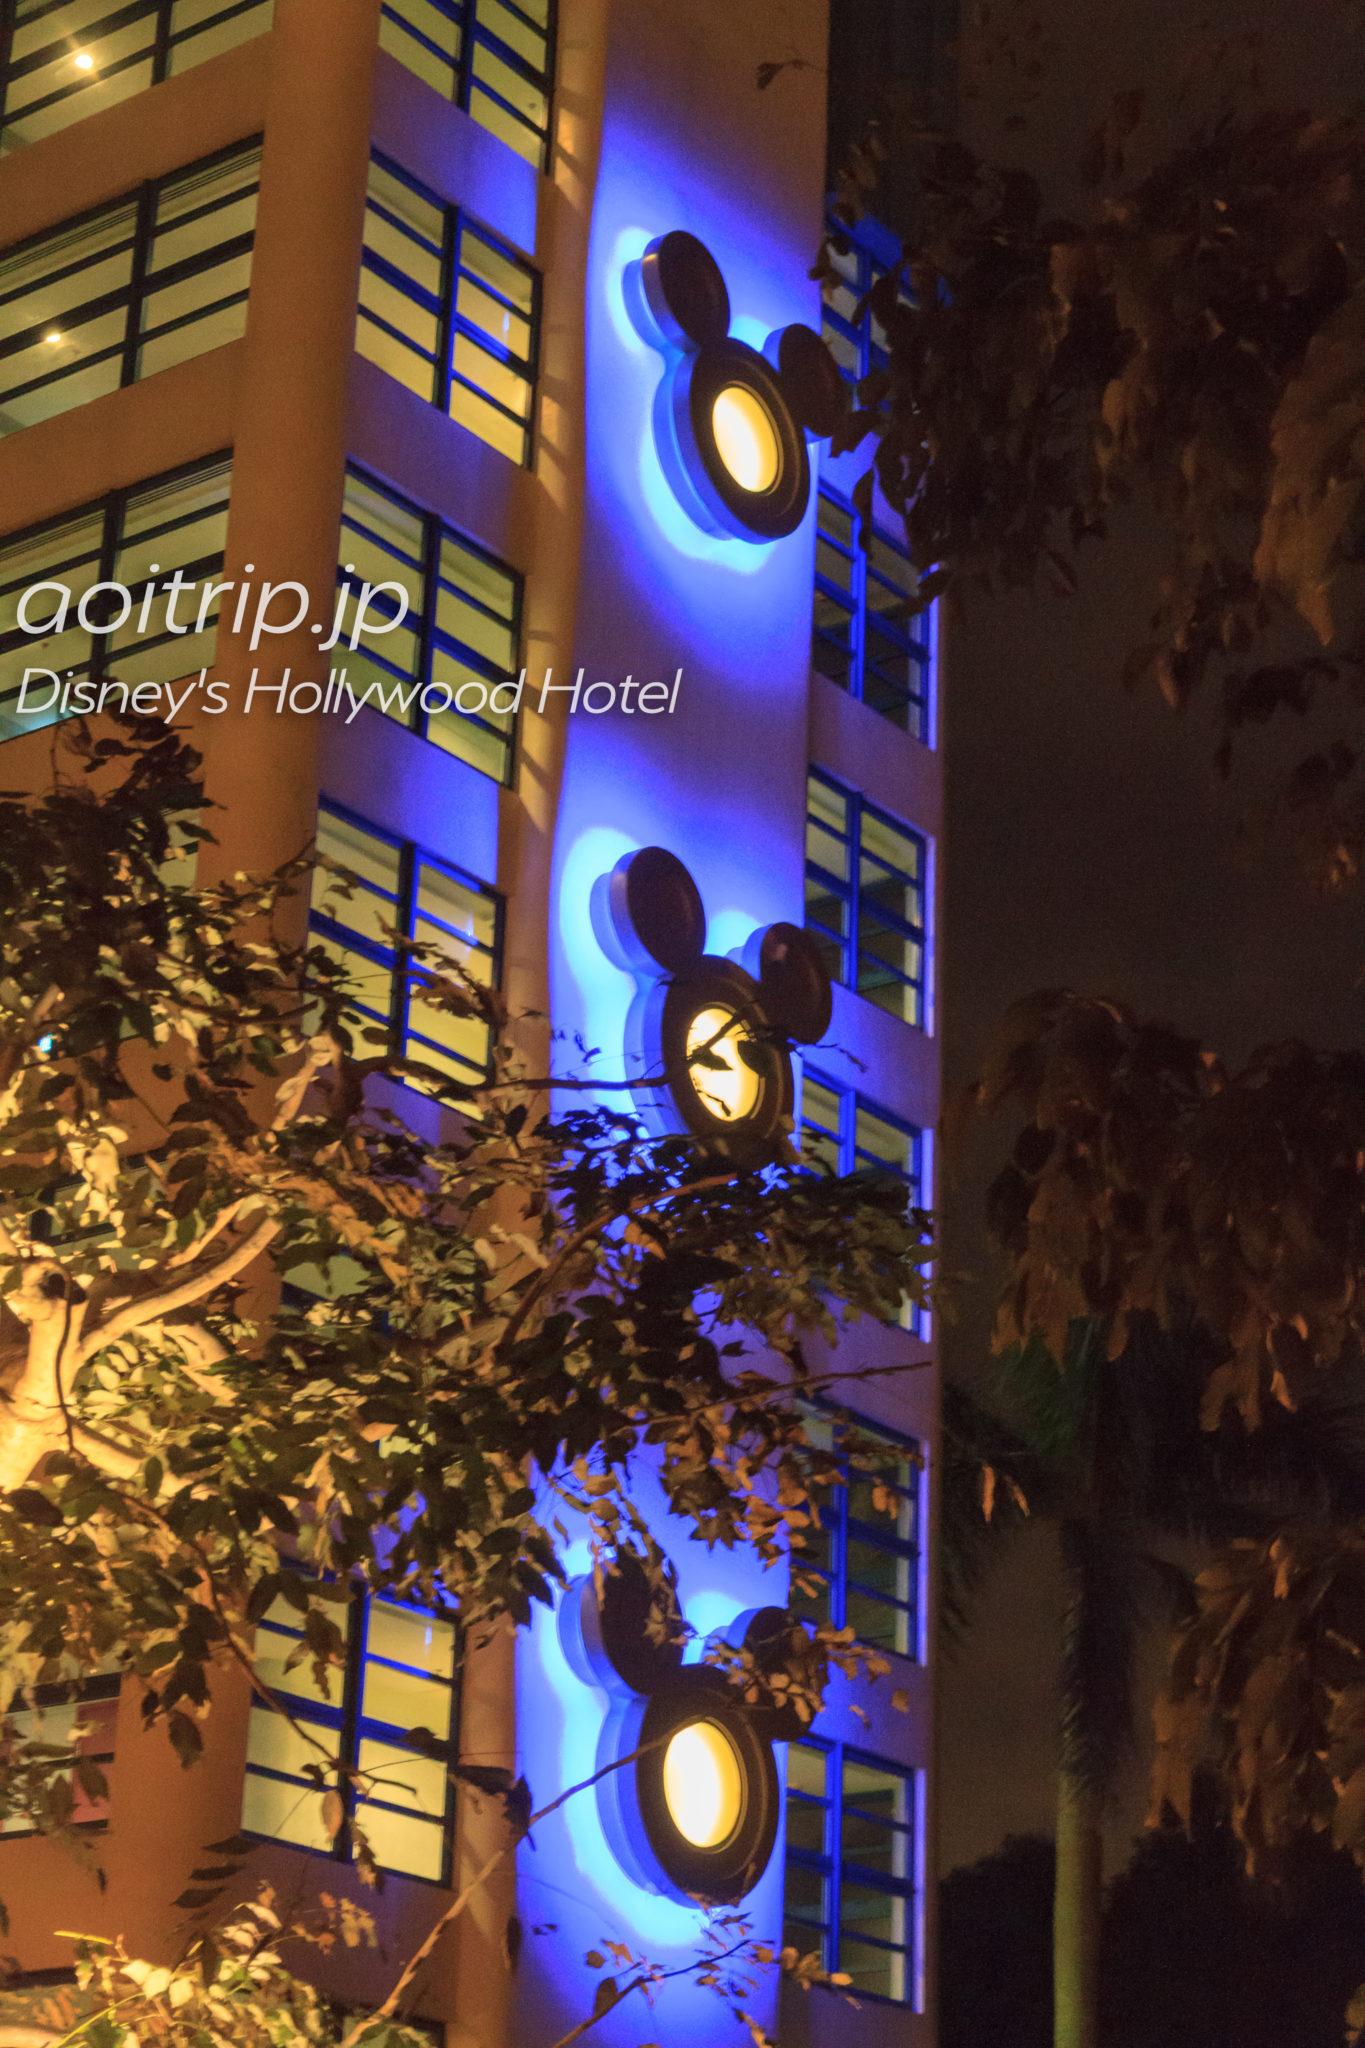 ディズニーハリウッドホテル香港 宿泊記 Disney's Hollywood Hotel